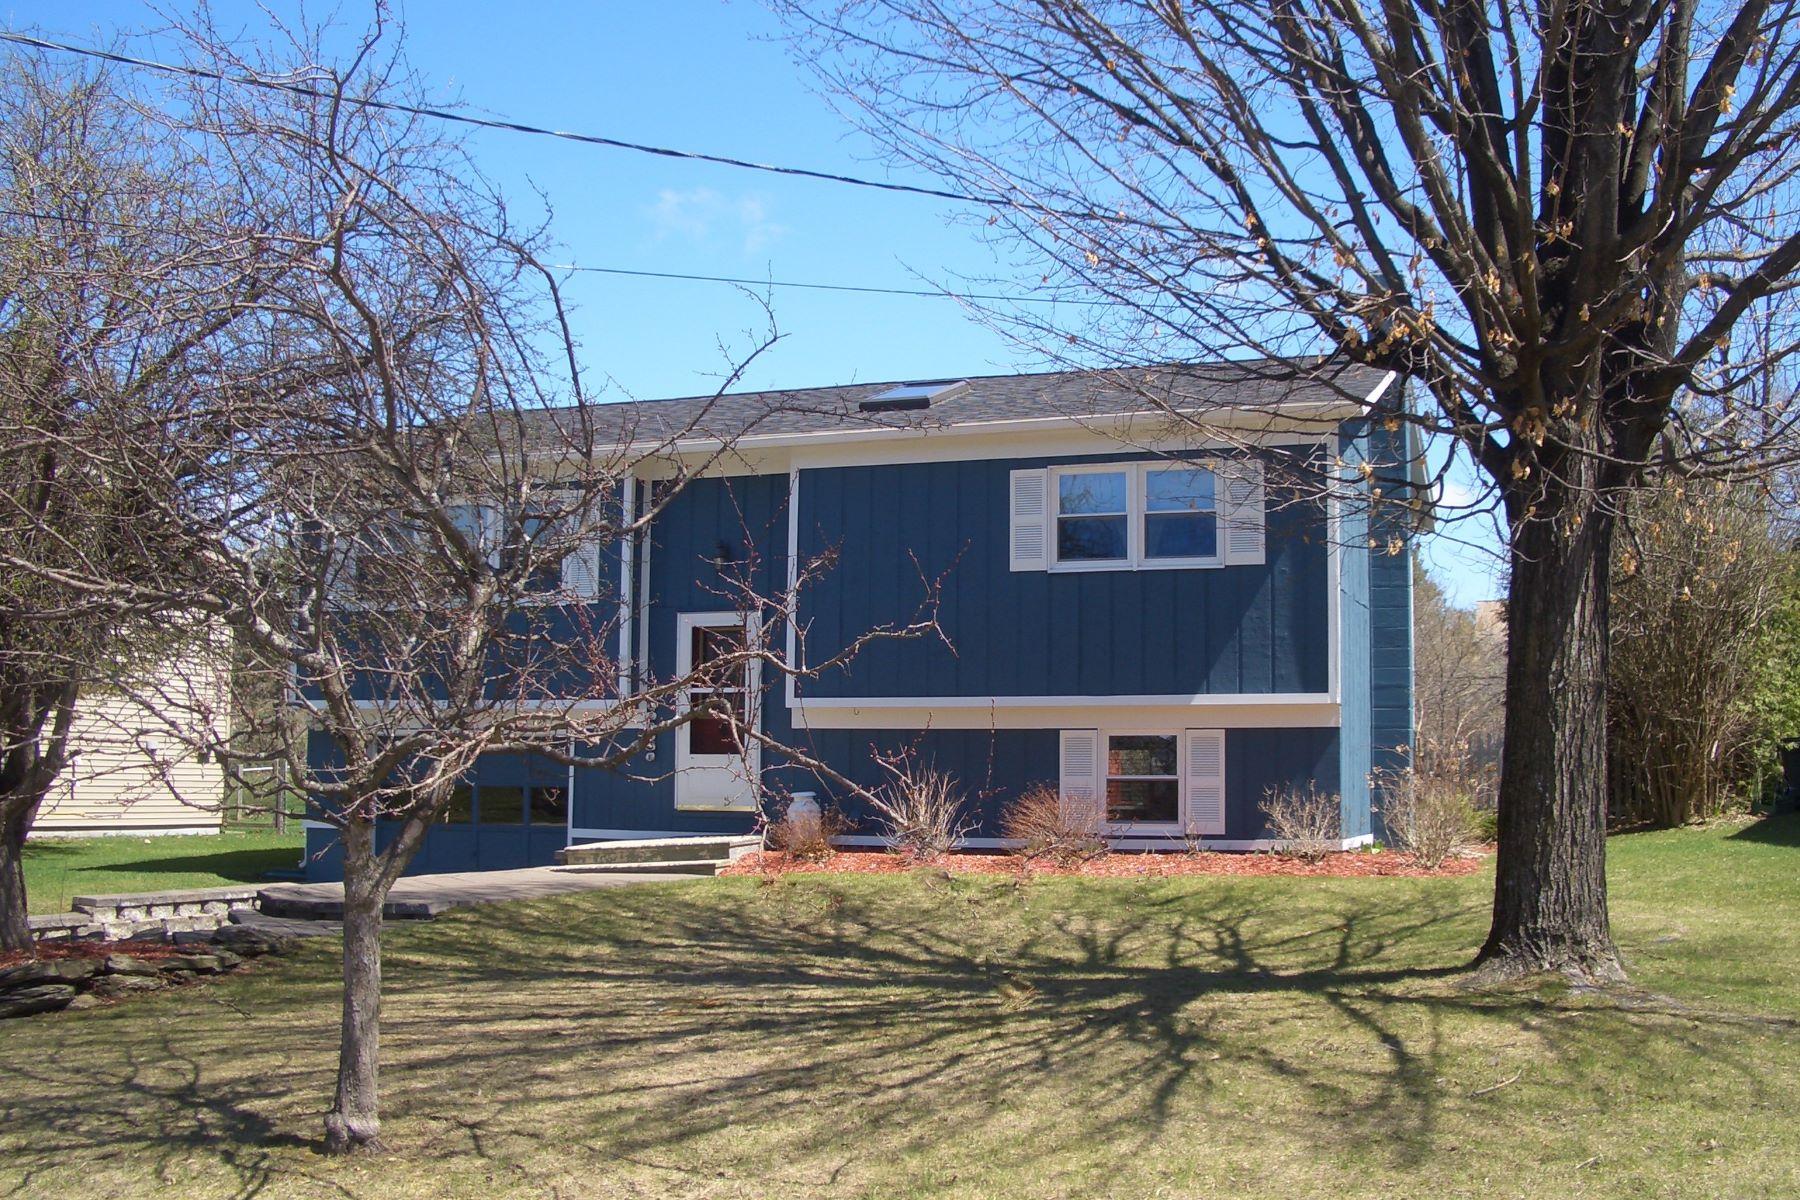 一戸建て のために 売買 アット 14 Phillips, Rutland City Rutland, バーモント, 05701 アメリカ合衆国